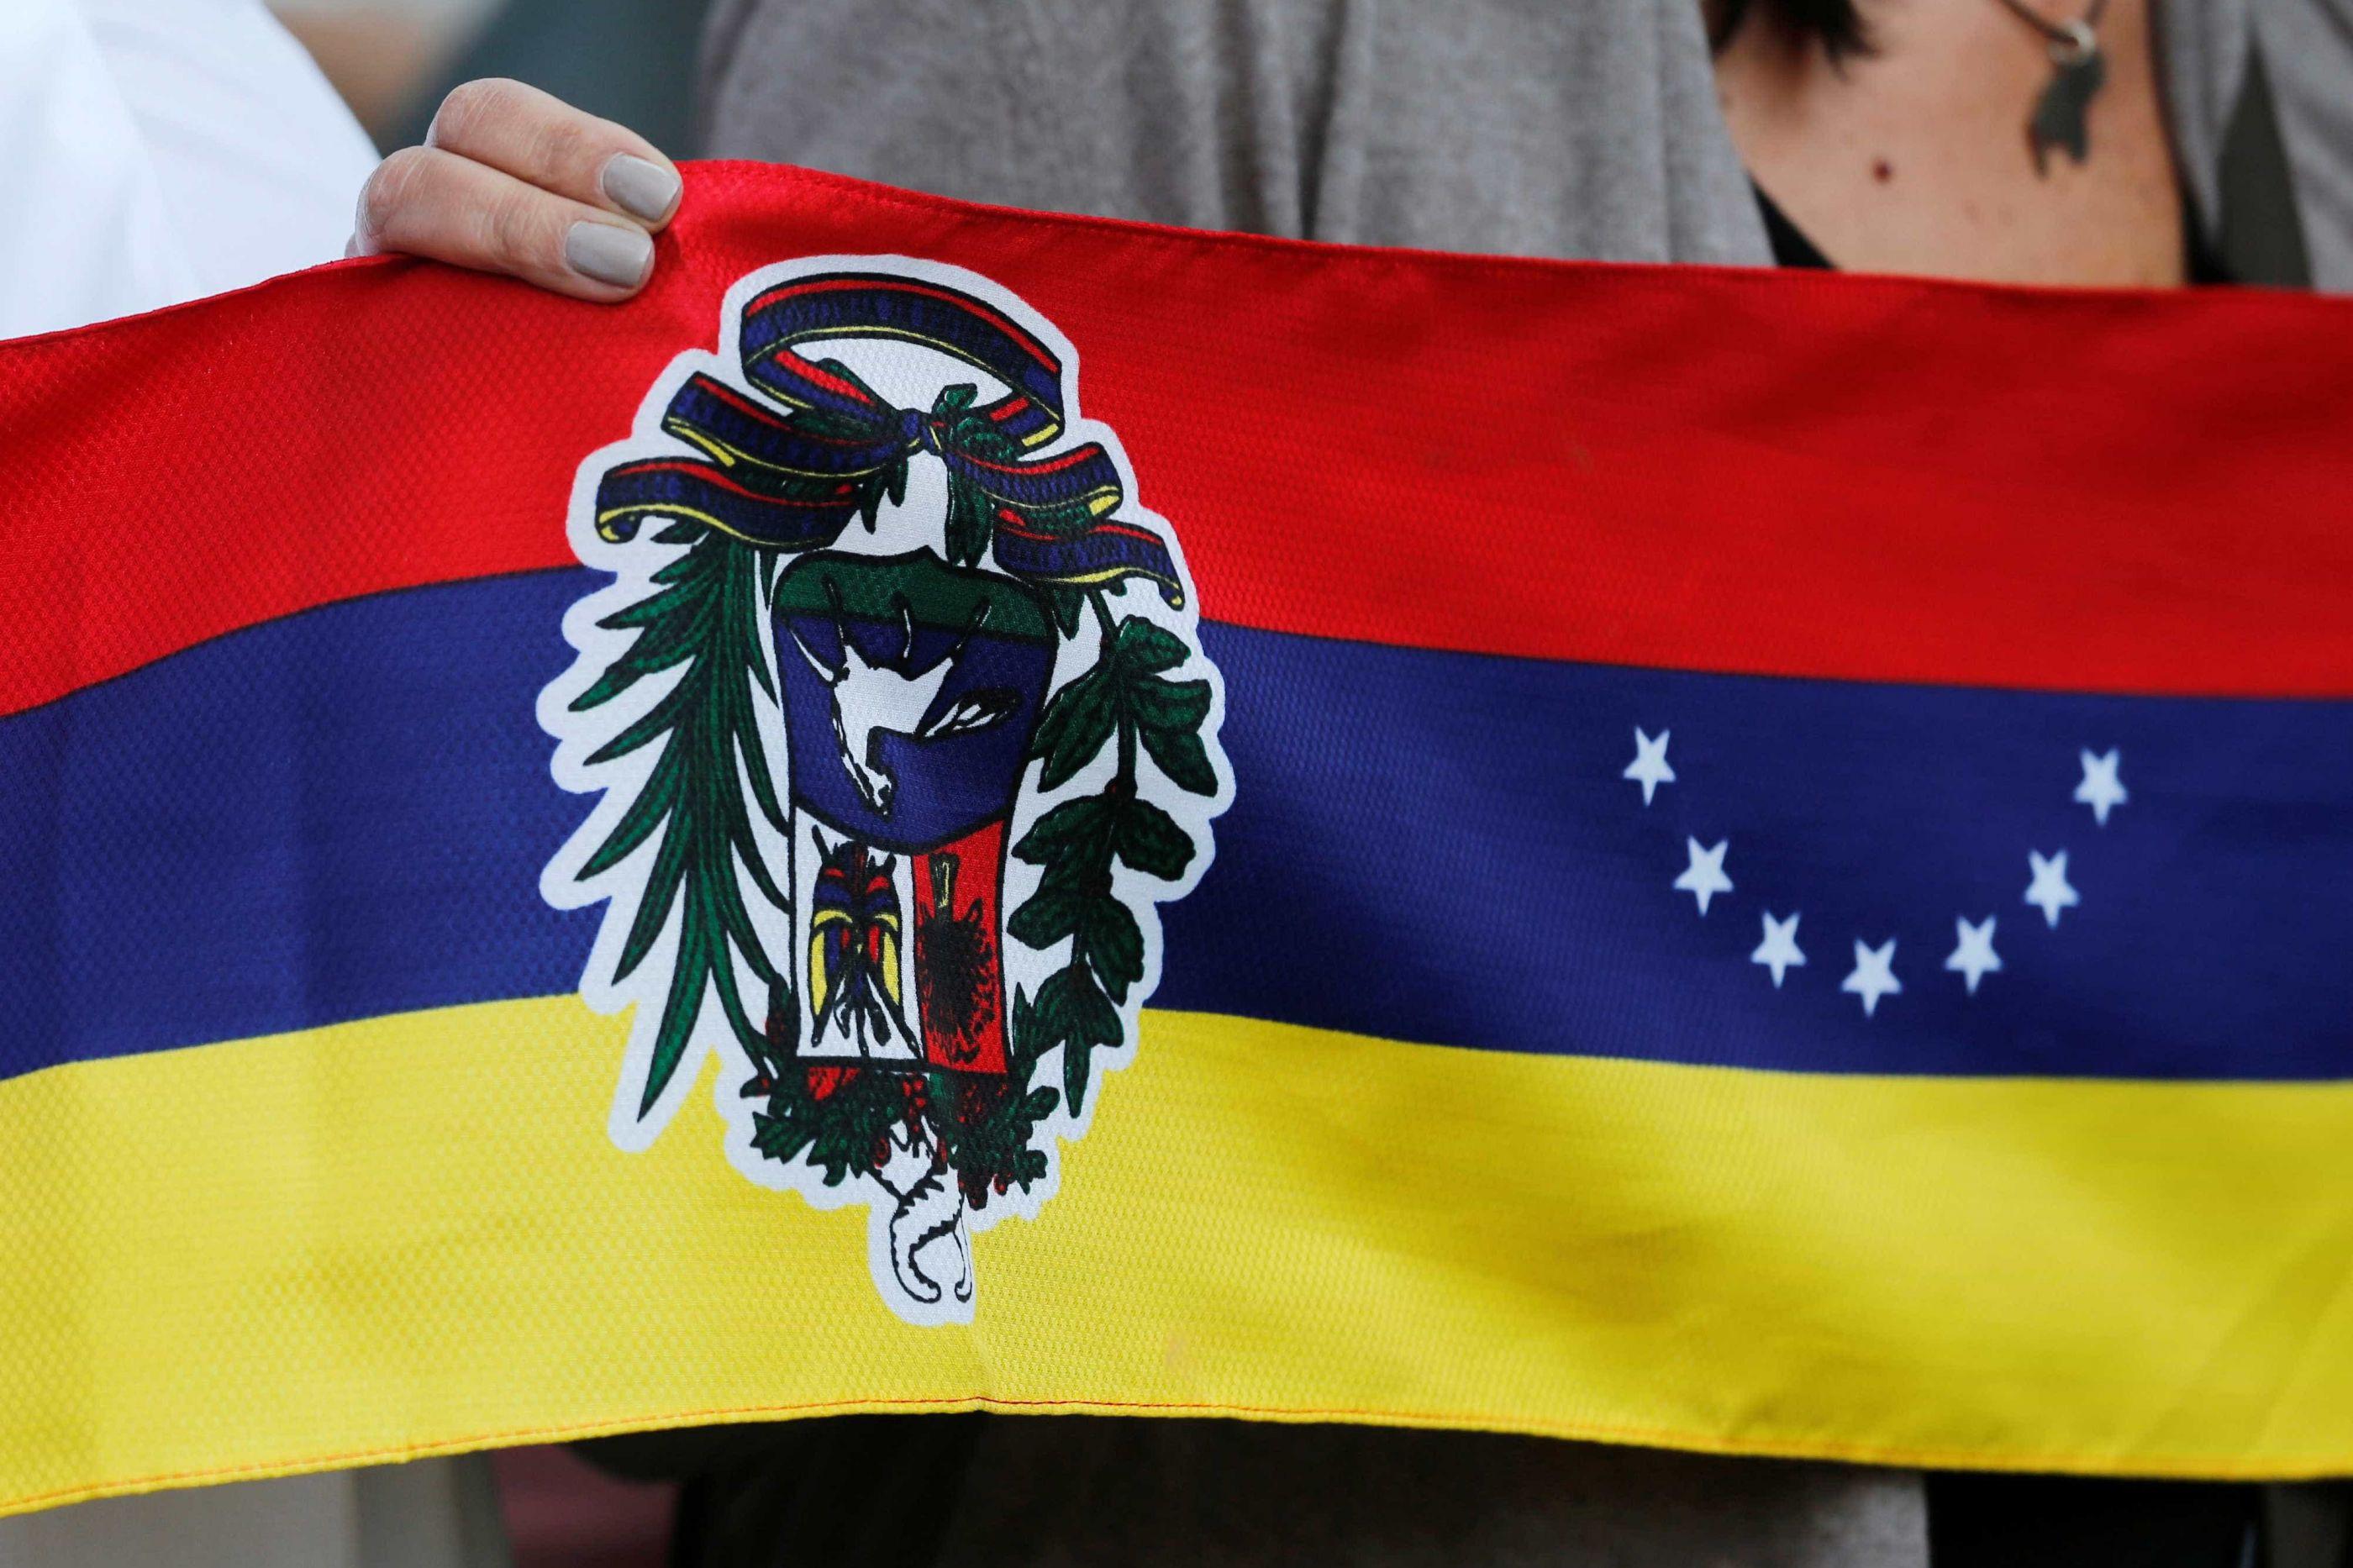 Equipa de direitos humanos das Nações Unidas vai visitar Venezuela